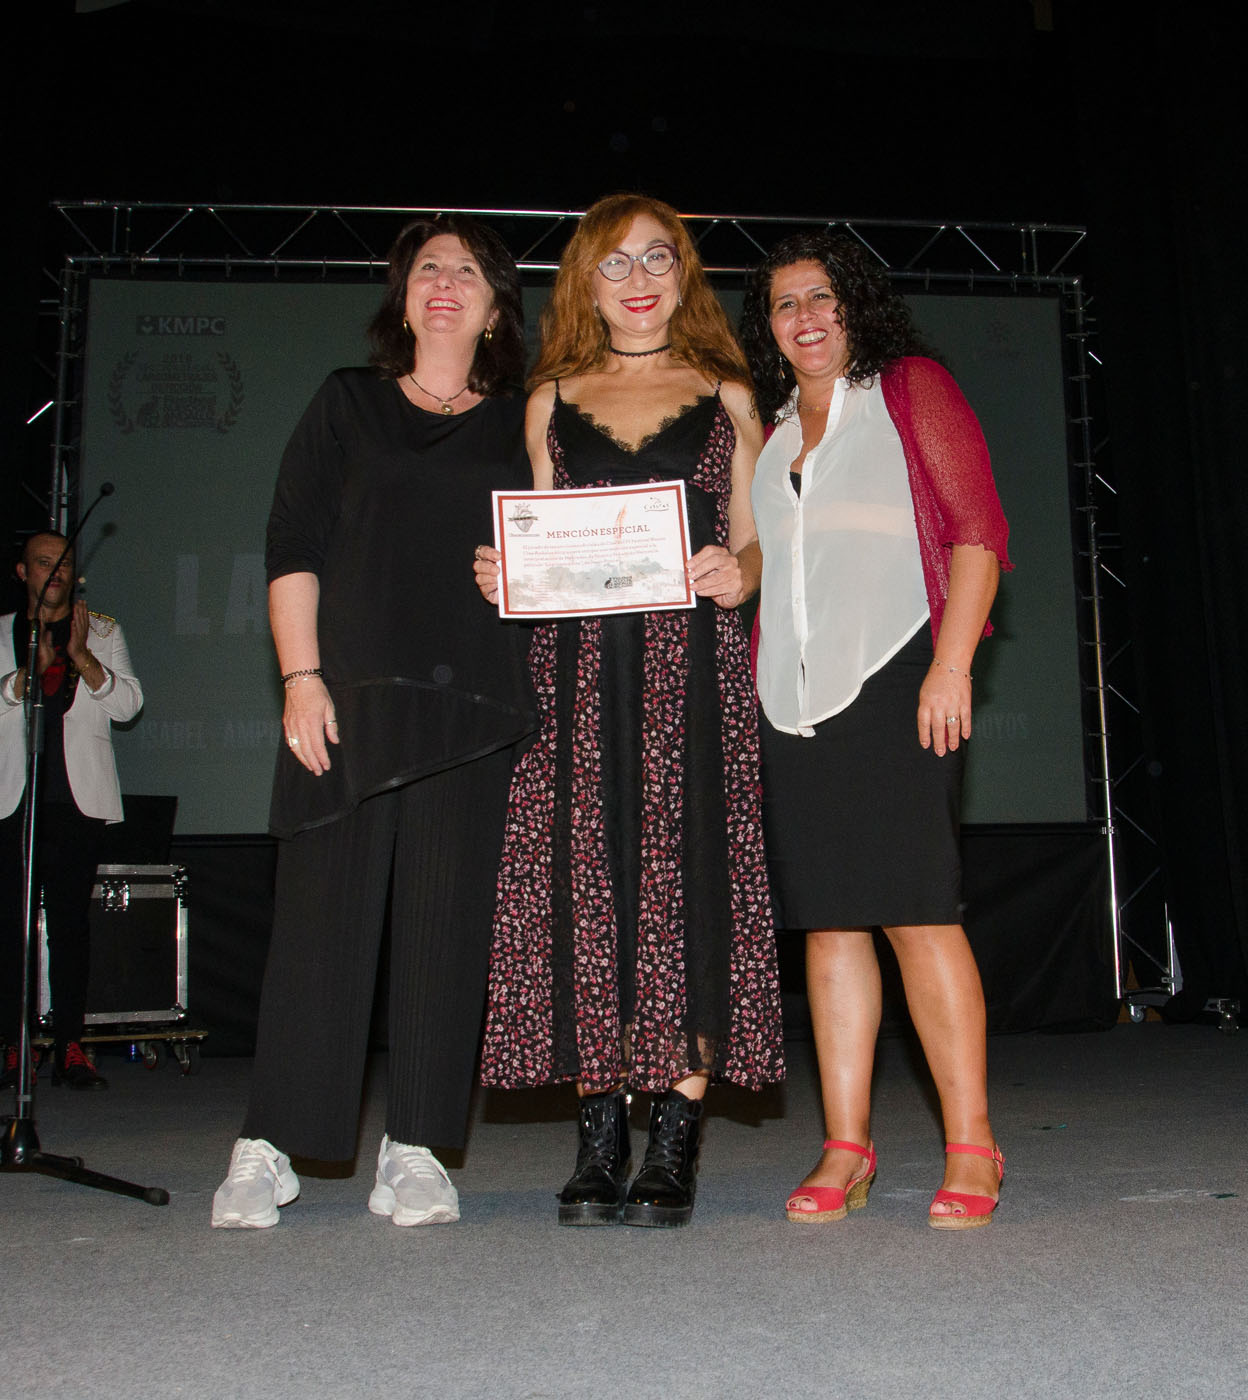 Adelfa Calvo y Laura Baena entregan la mención especial del Jurado a la interpretación de Mercedes de Hoyos y Sebastián Haro